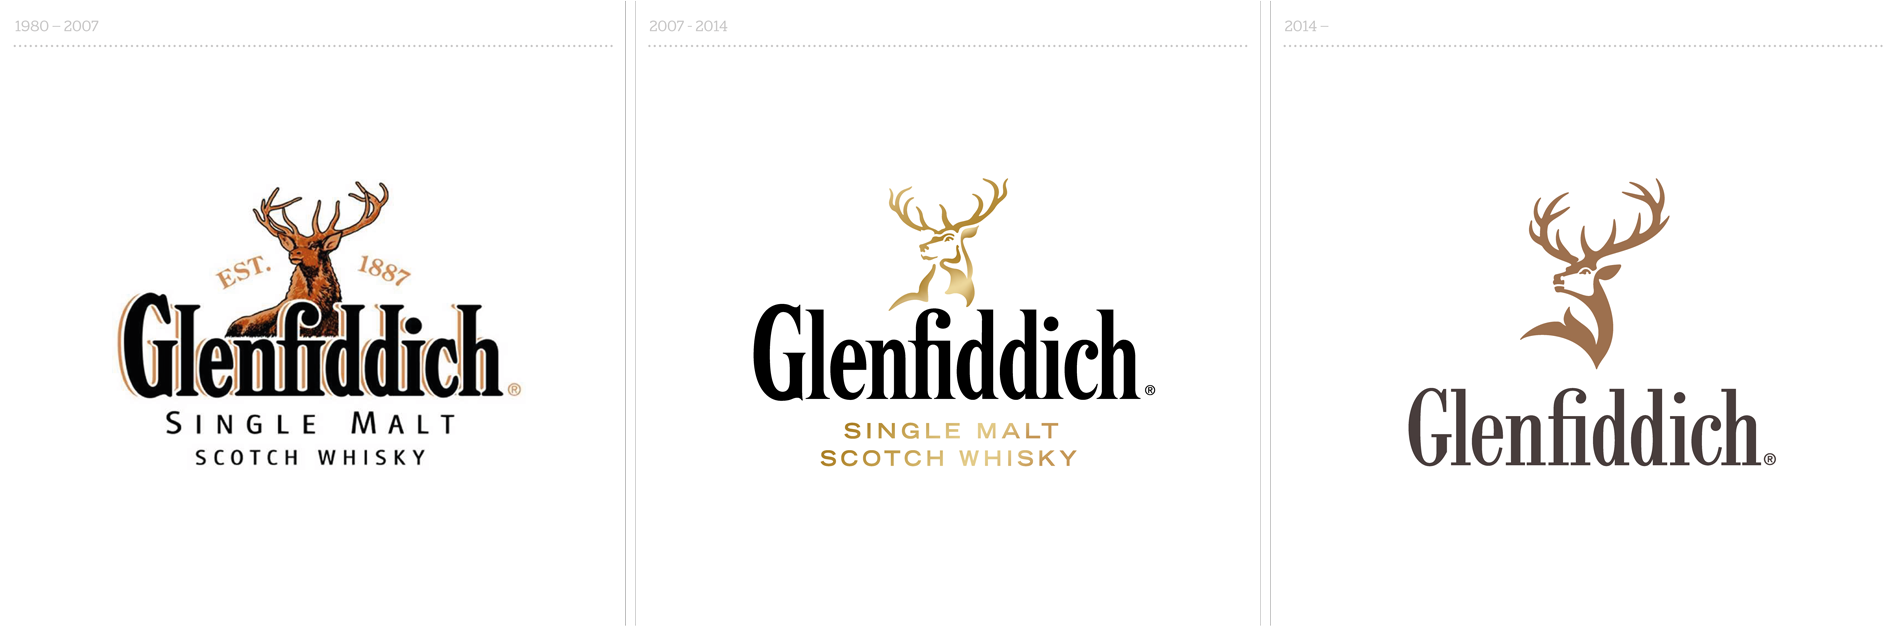 Glenfiddich_Logo_Design_Evolution.png